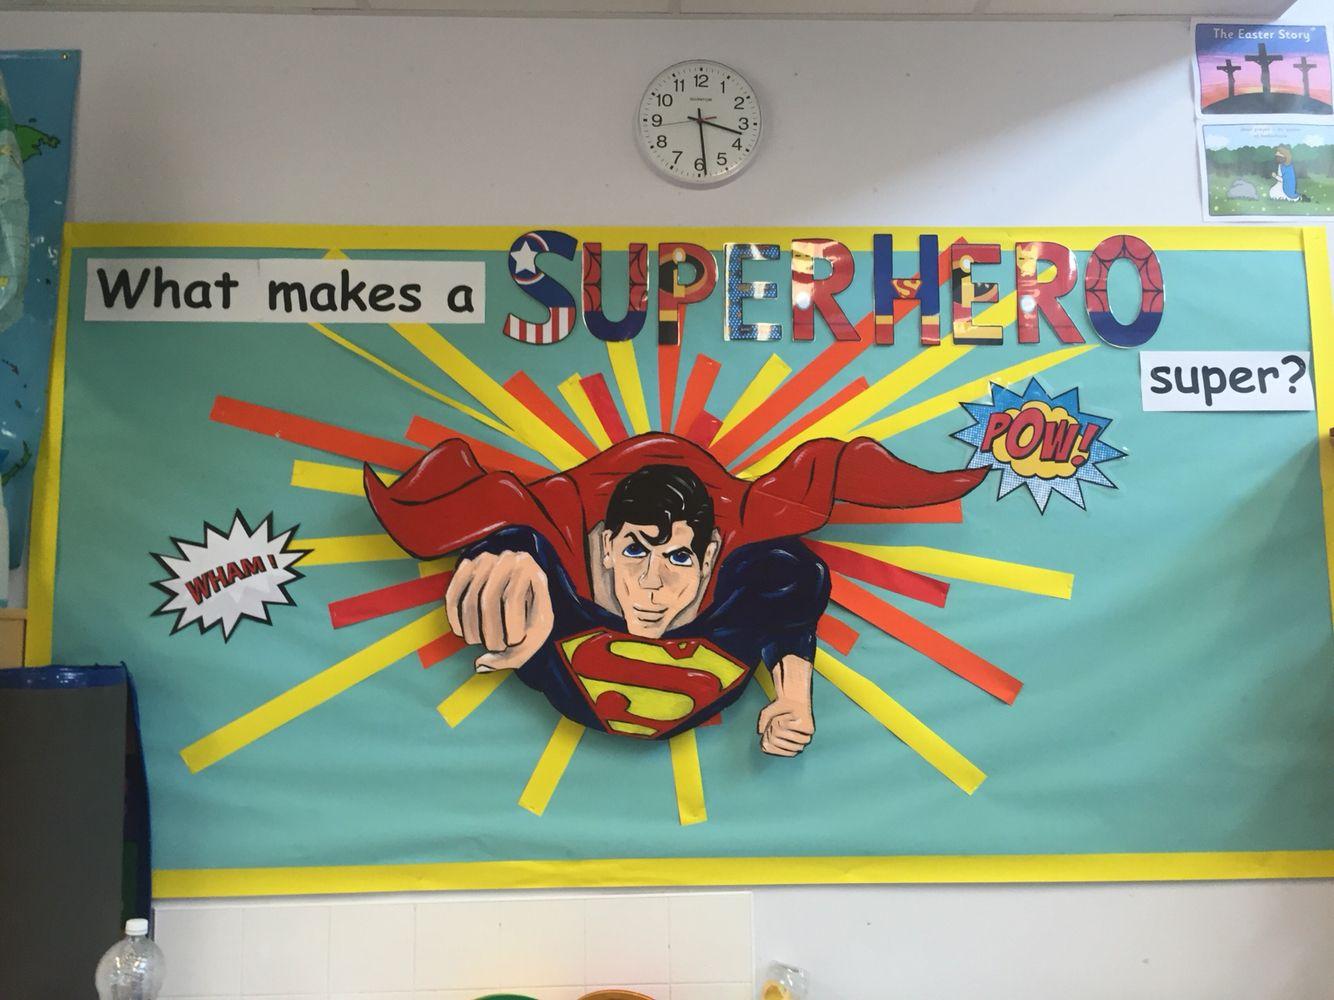 Superhero Theme Ks1 Primary School Topic Heroes What